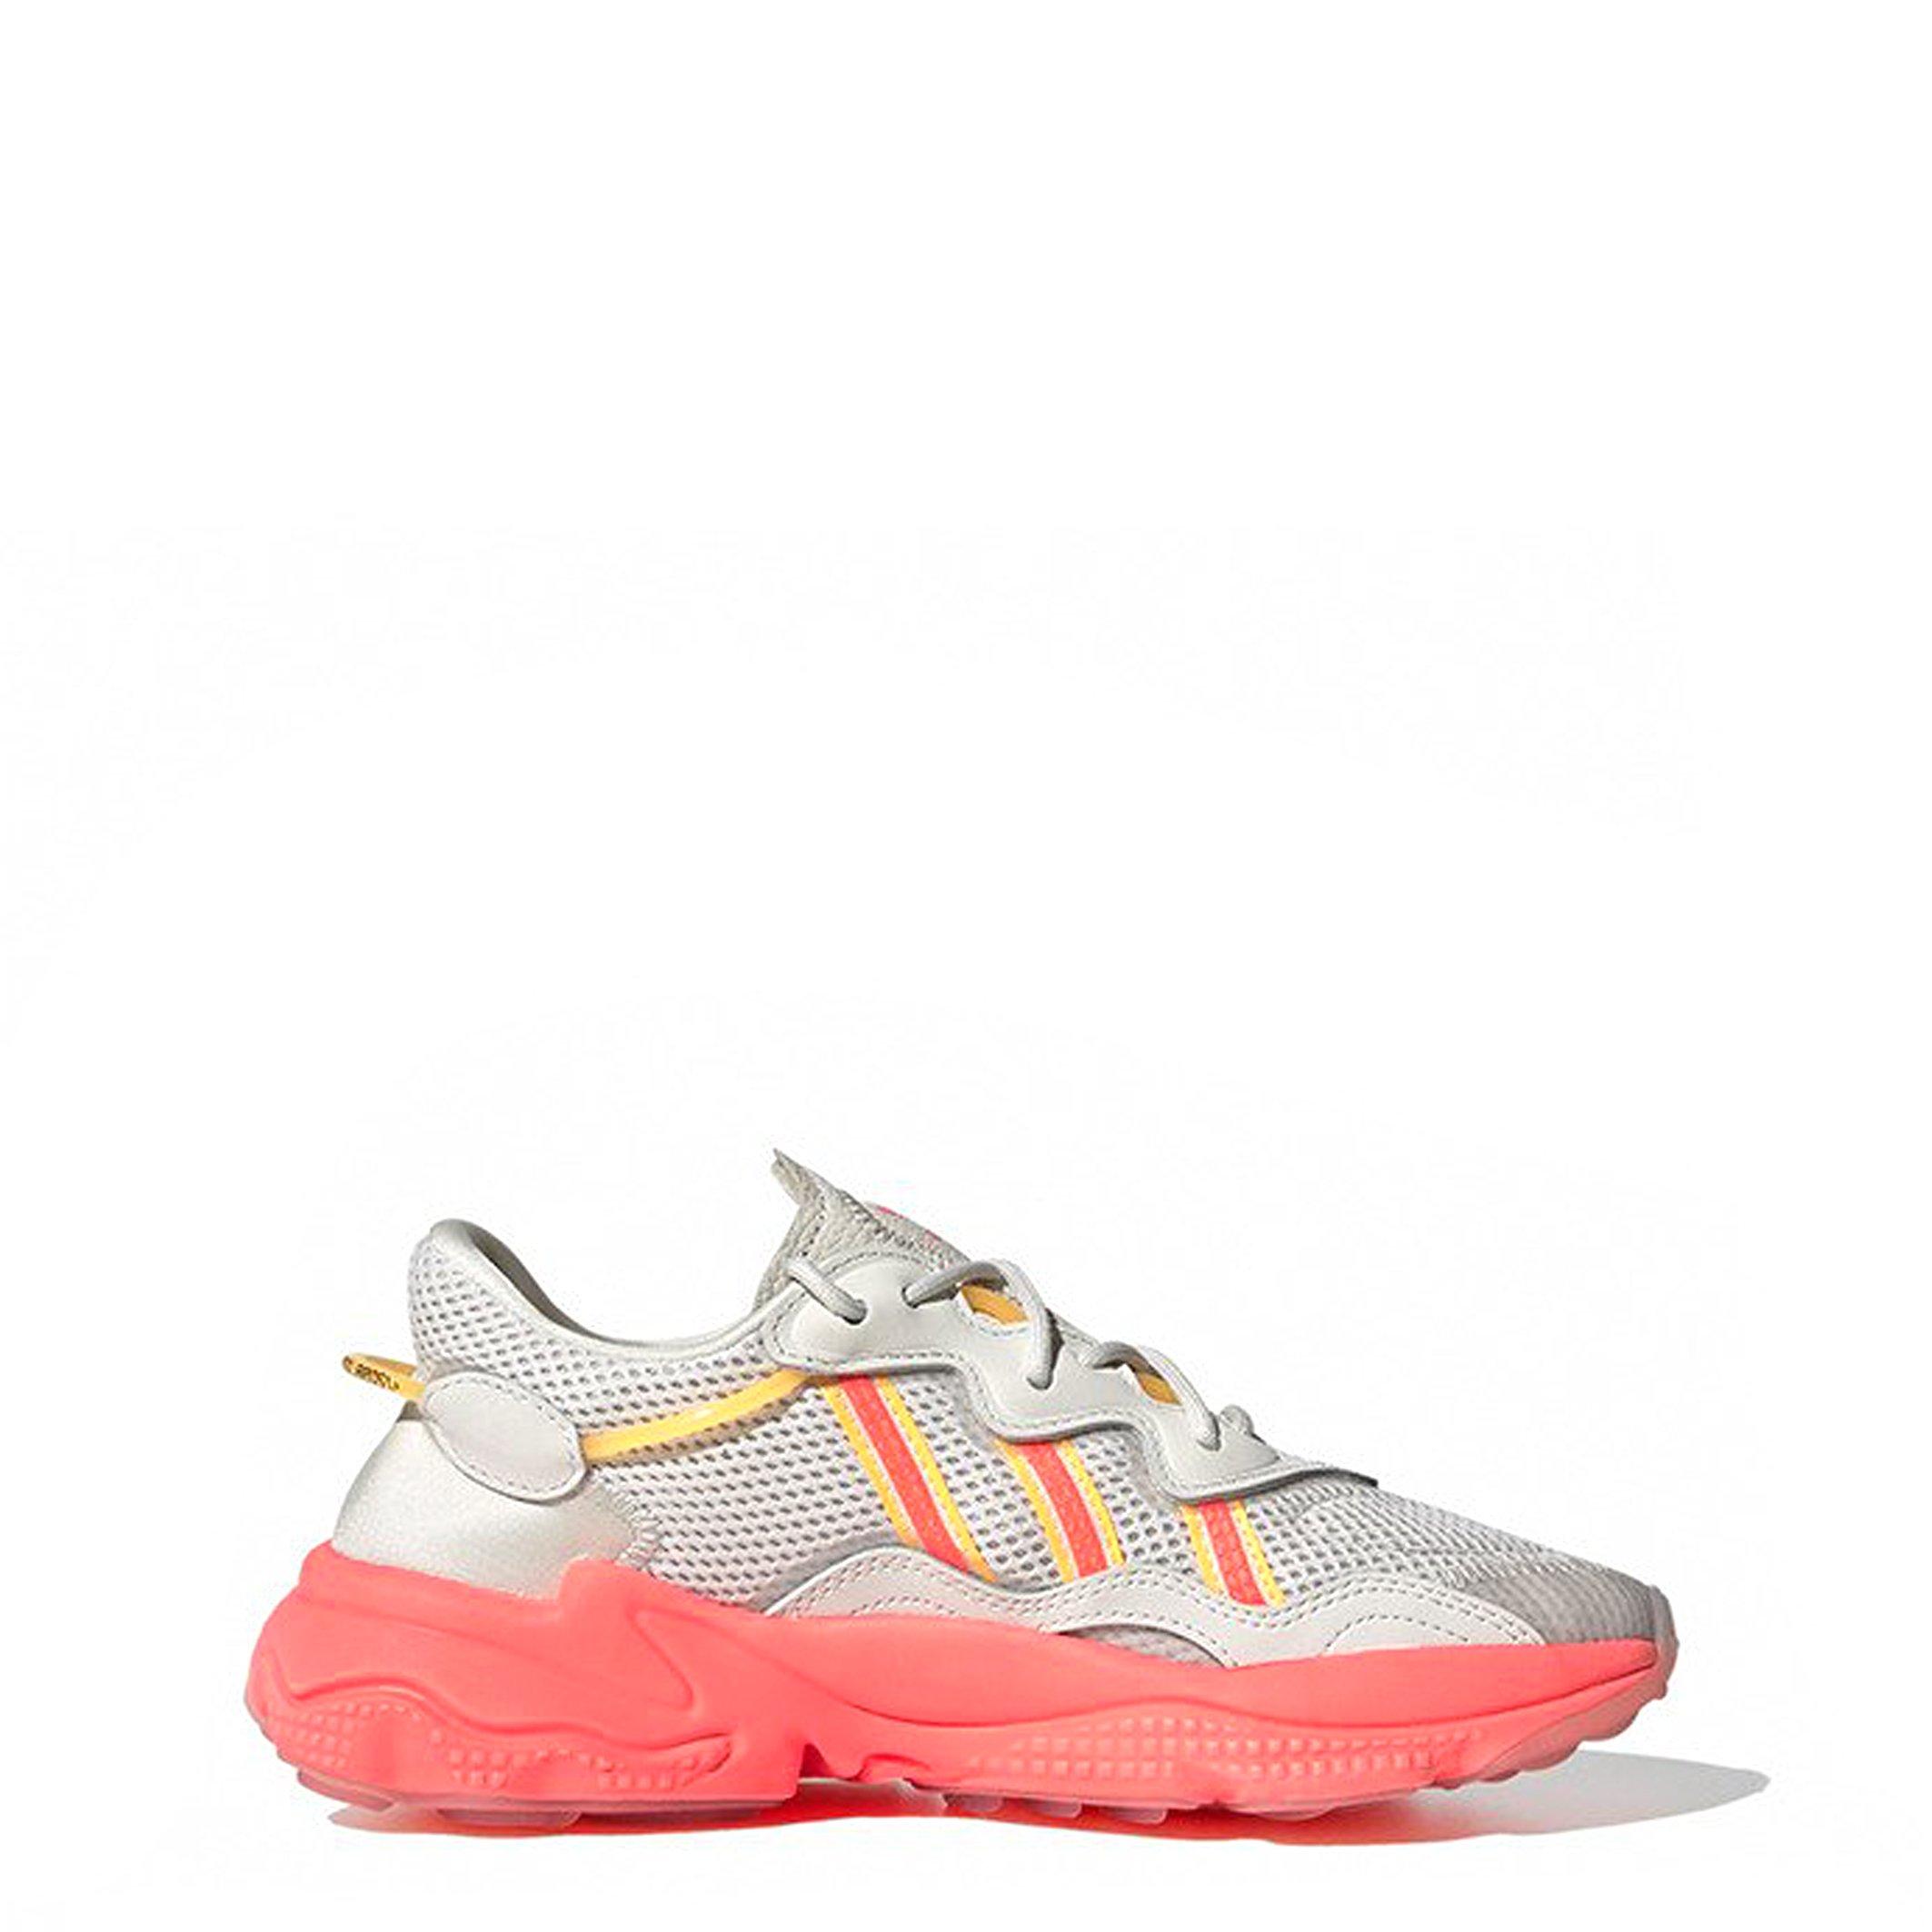 Adidas Unisex Ozweego Trainers Various Colours EE6466 - white UK 3.5